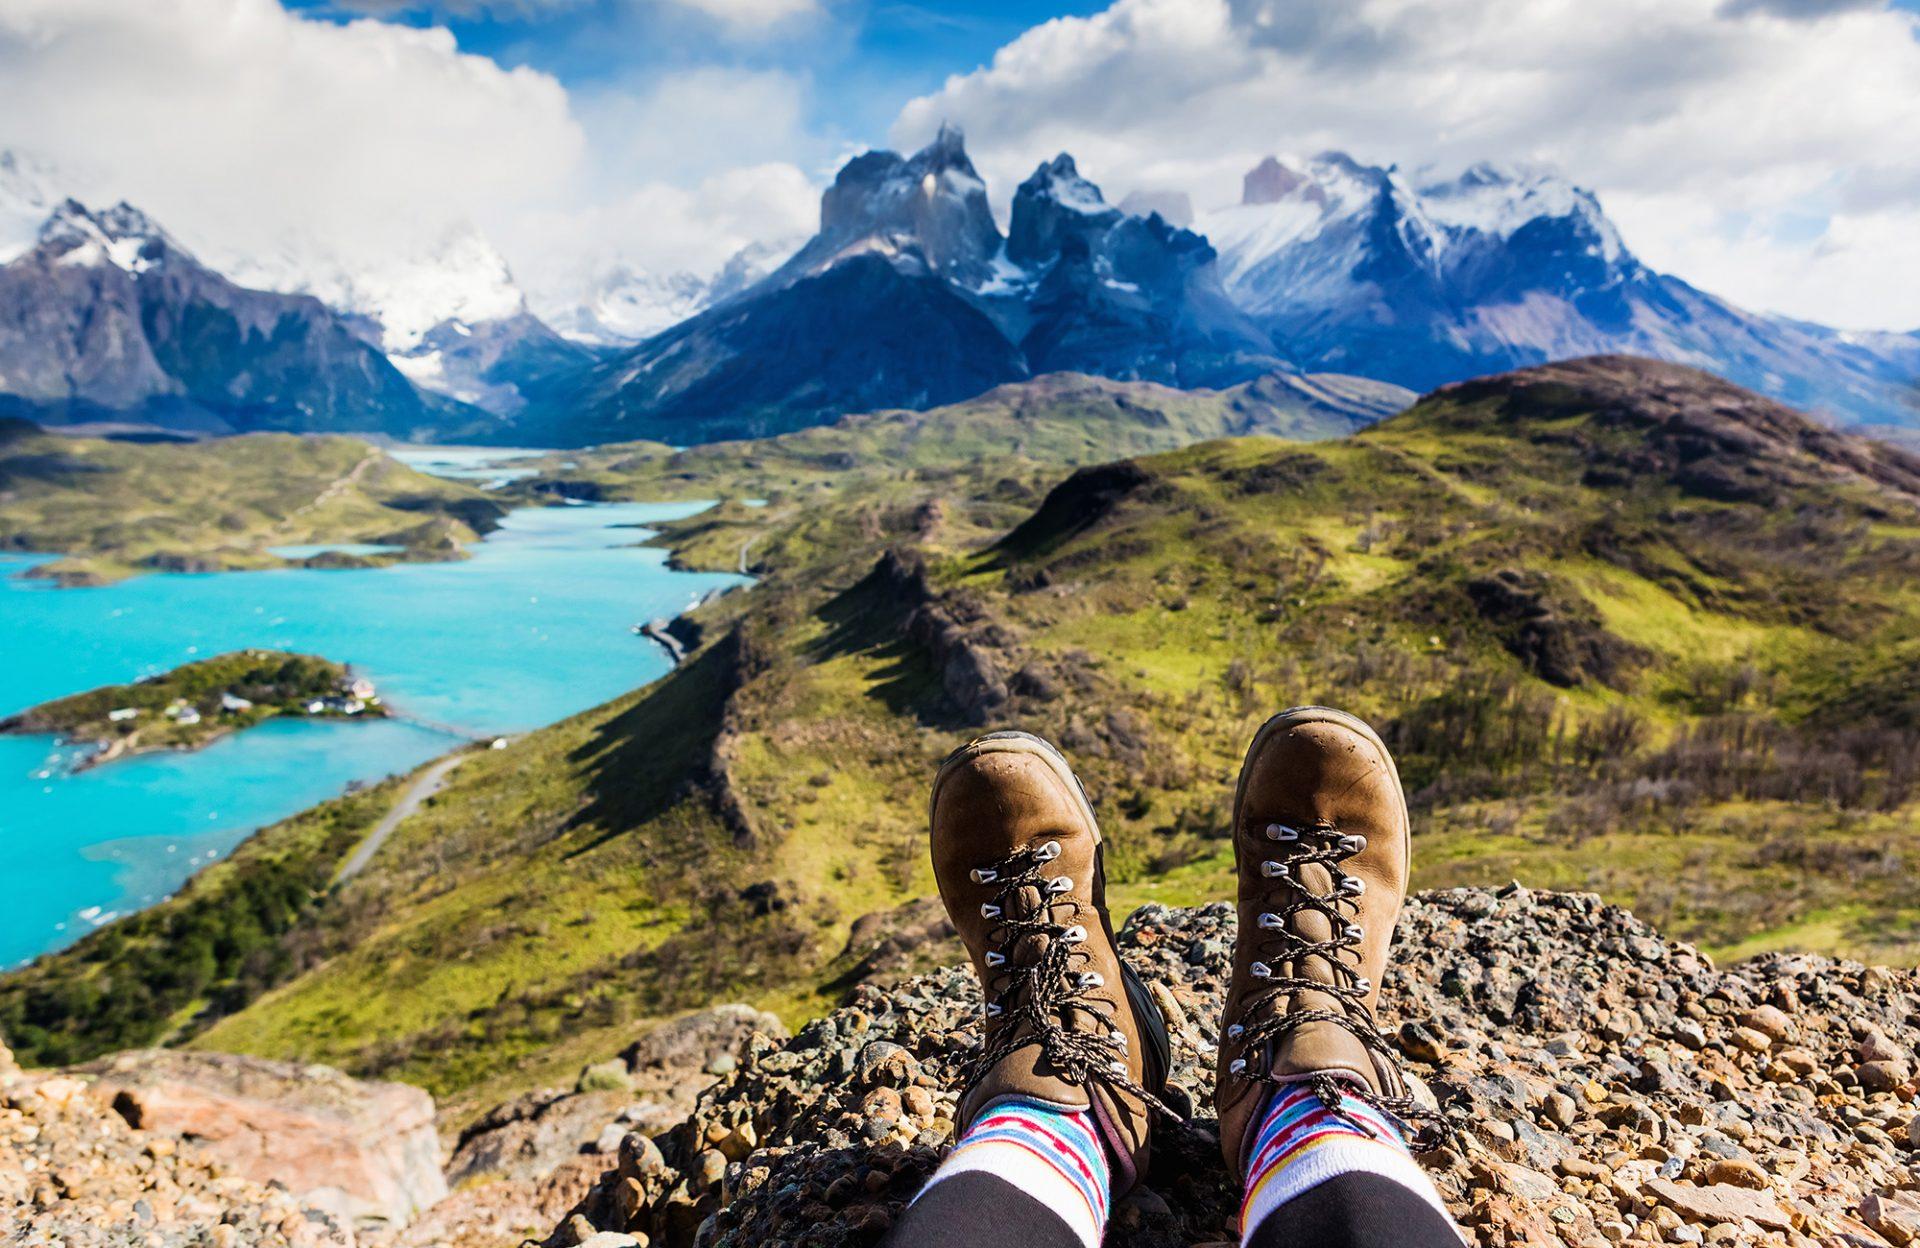 Berge Wanderer entspannt mit Wanderschuhen